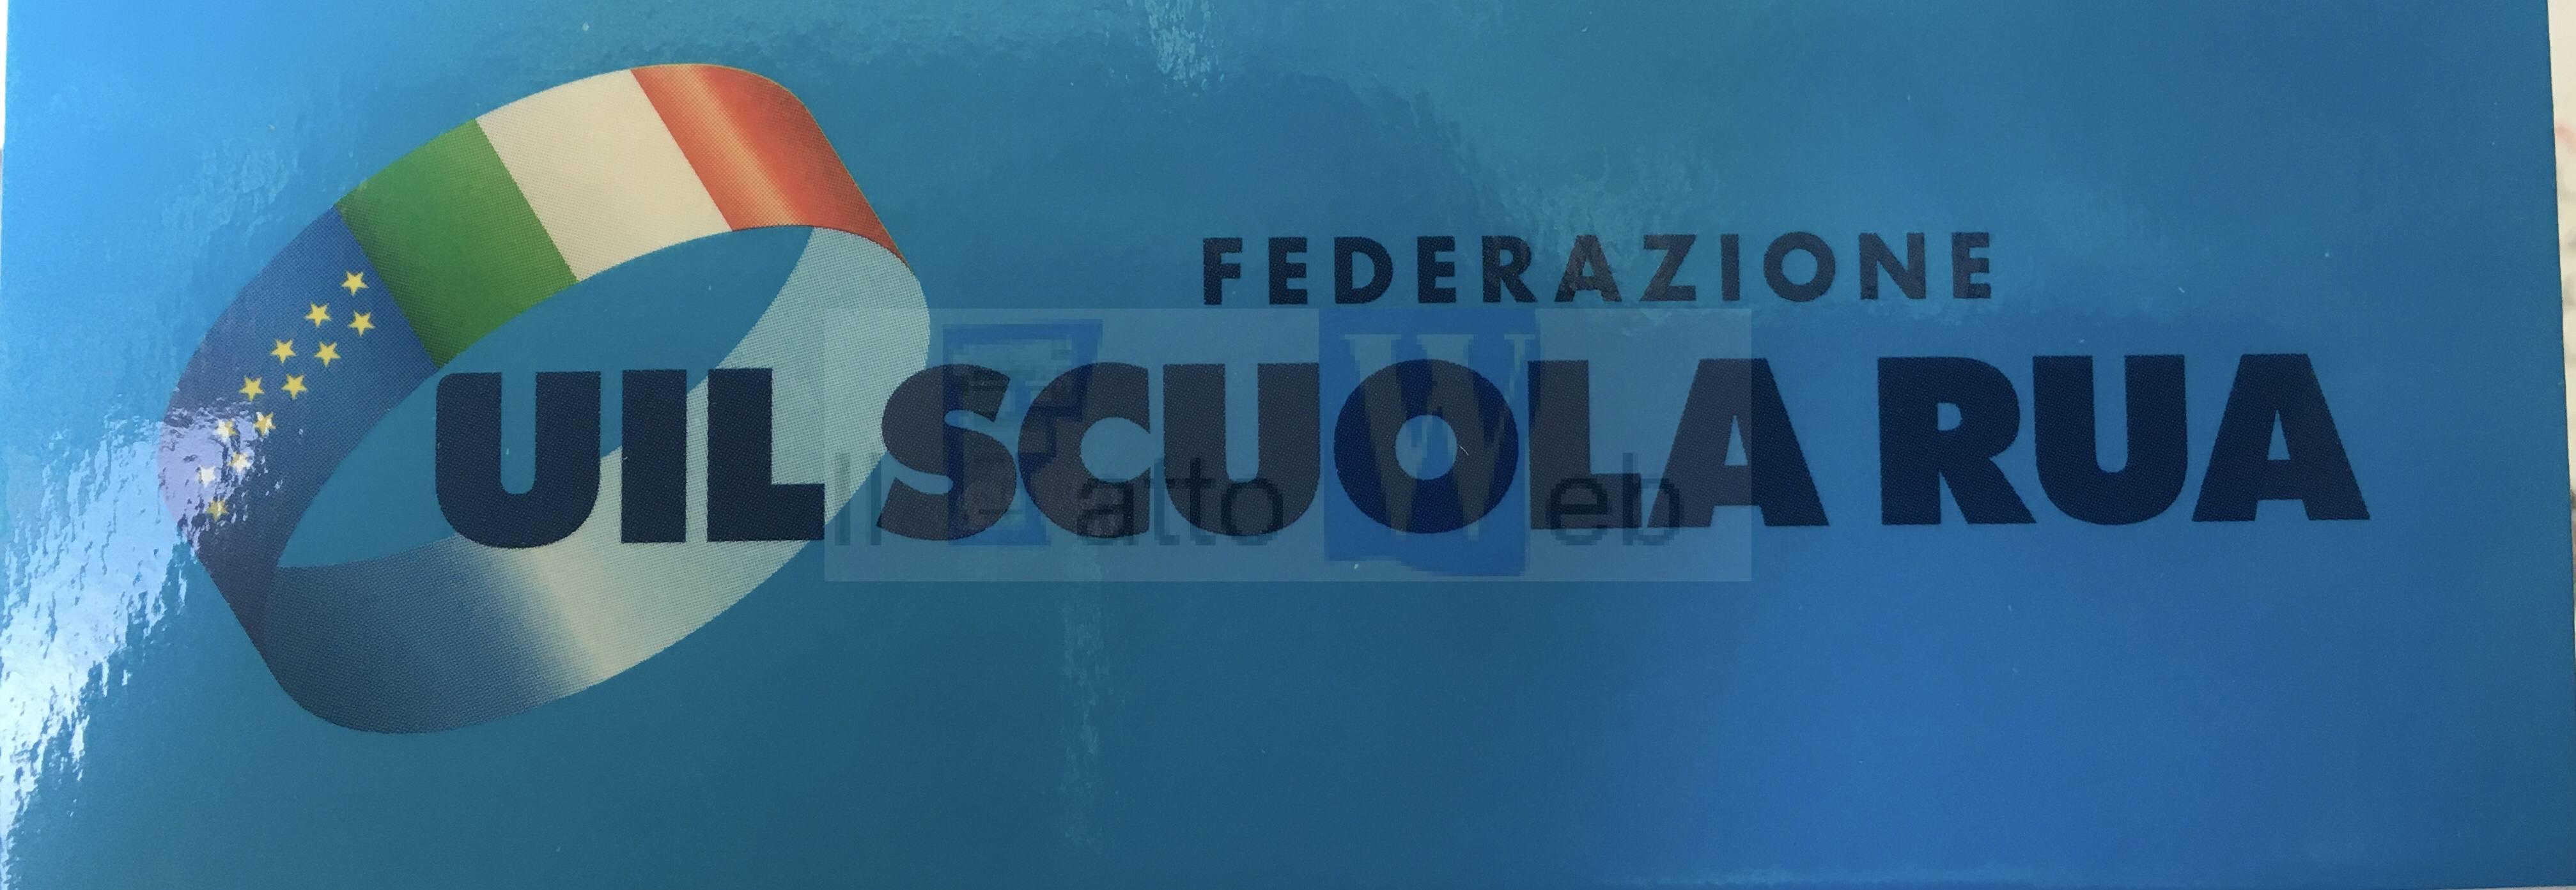 Uil scuola,  Serve un patto per l'istruzione e lo sviluppo, per la ripartenza a settembre